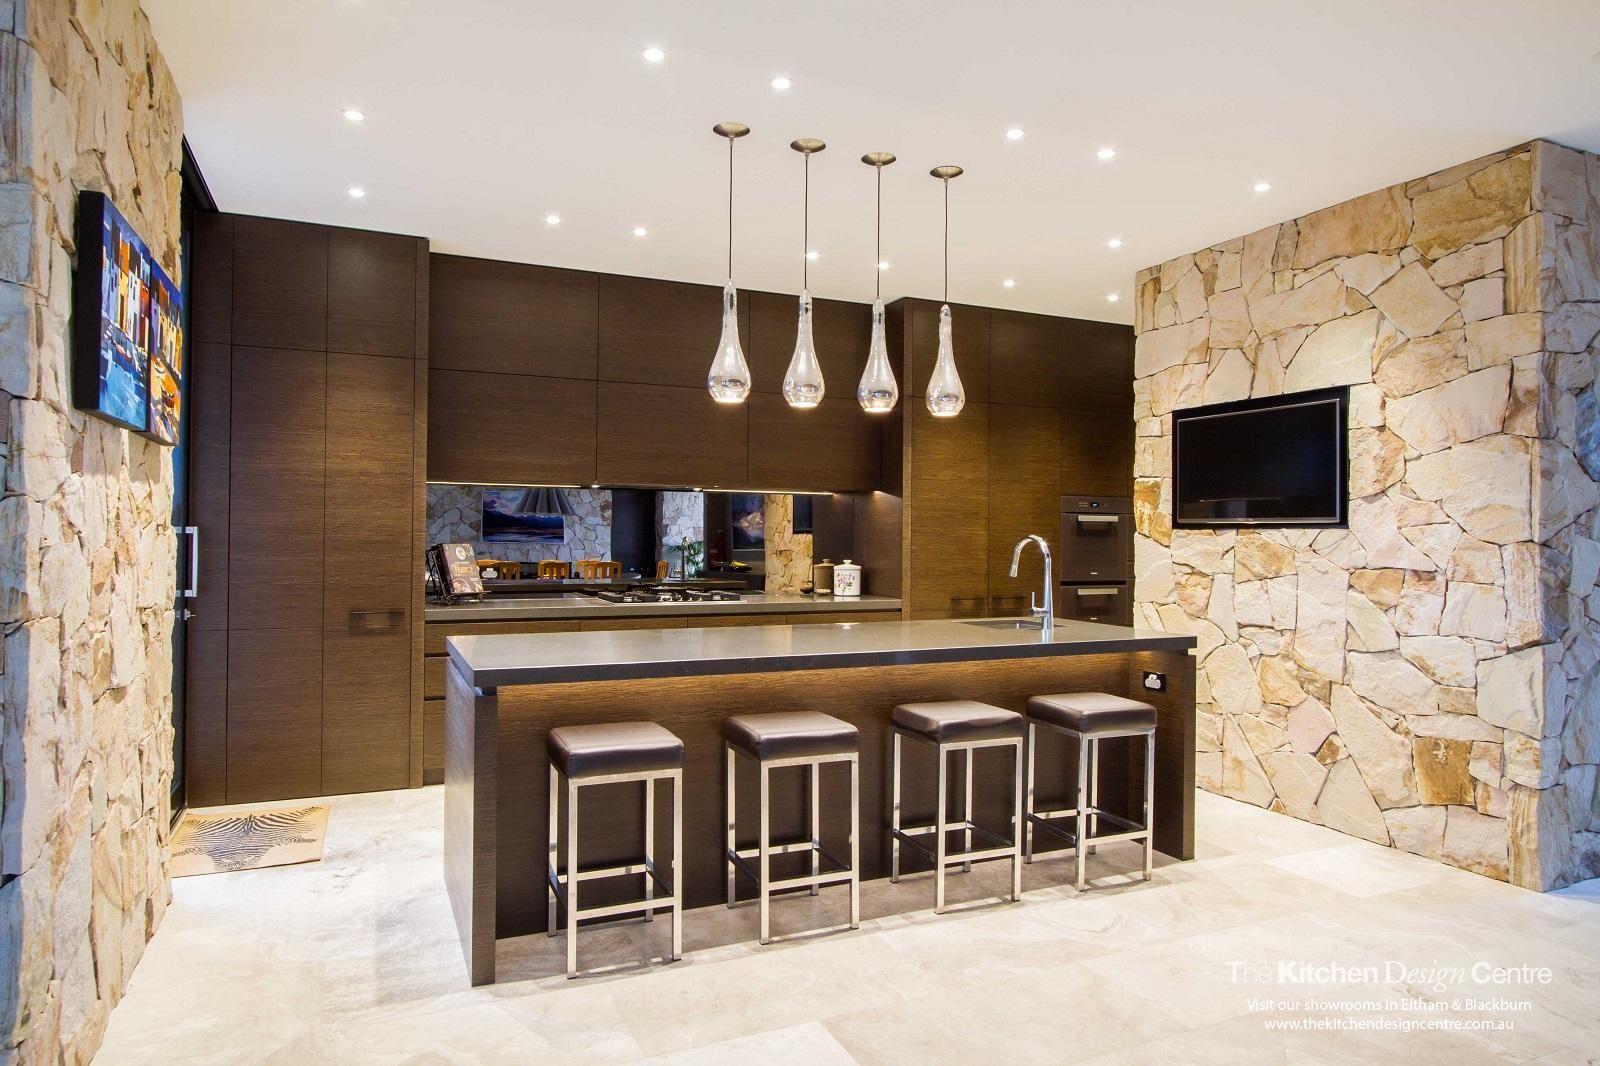 The Kitchen Design Centre are Melbourneu0027s leading